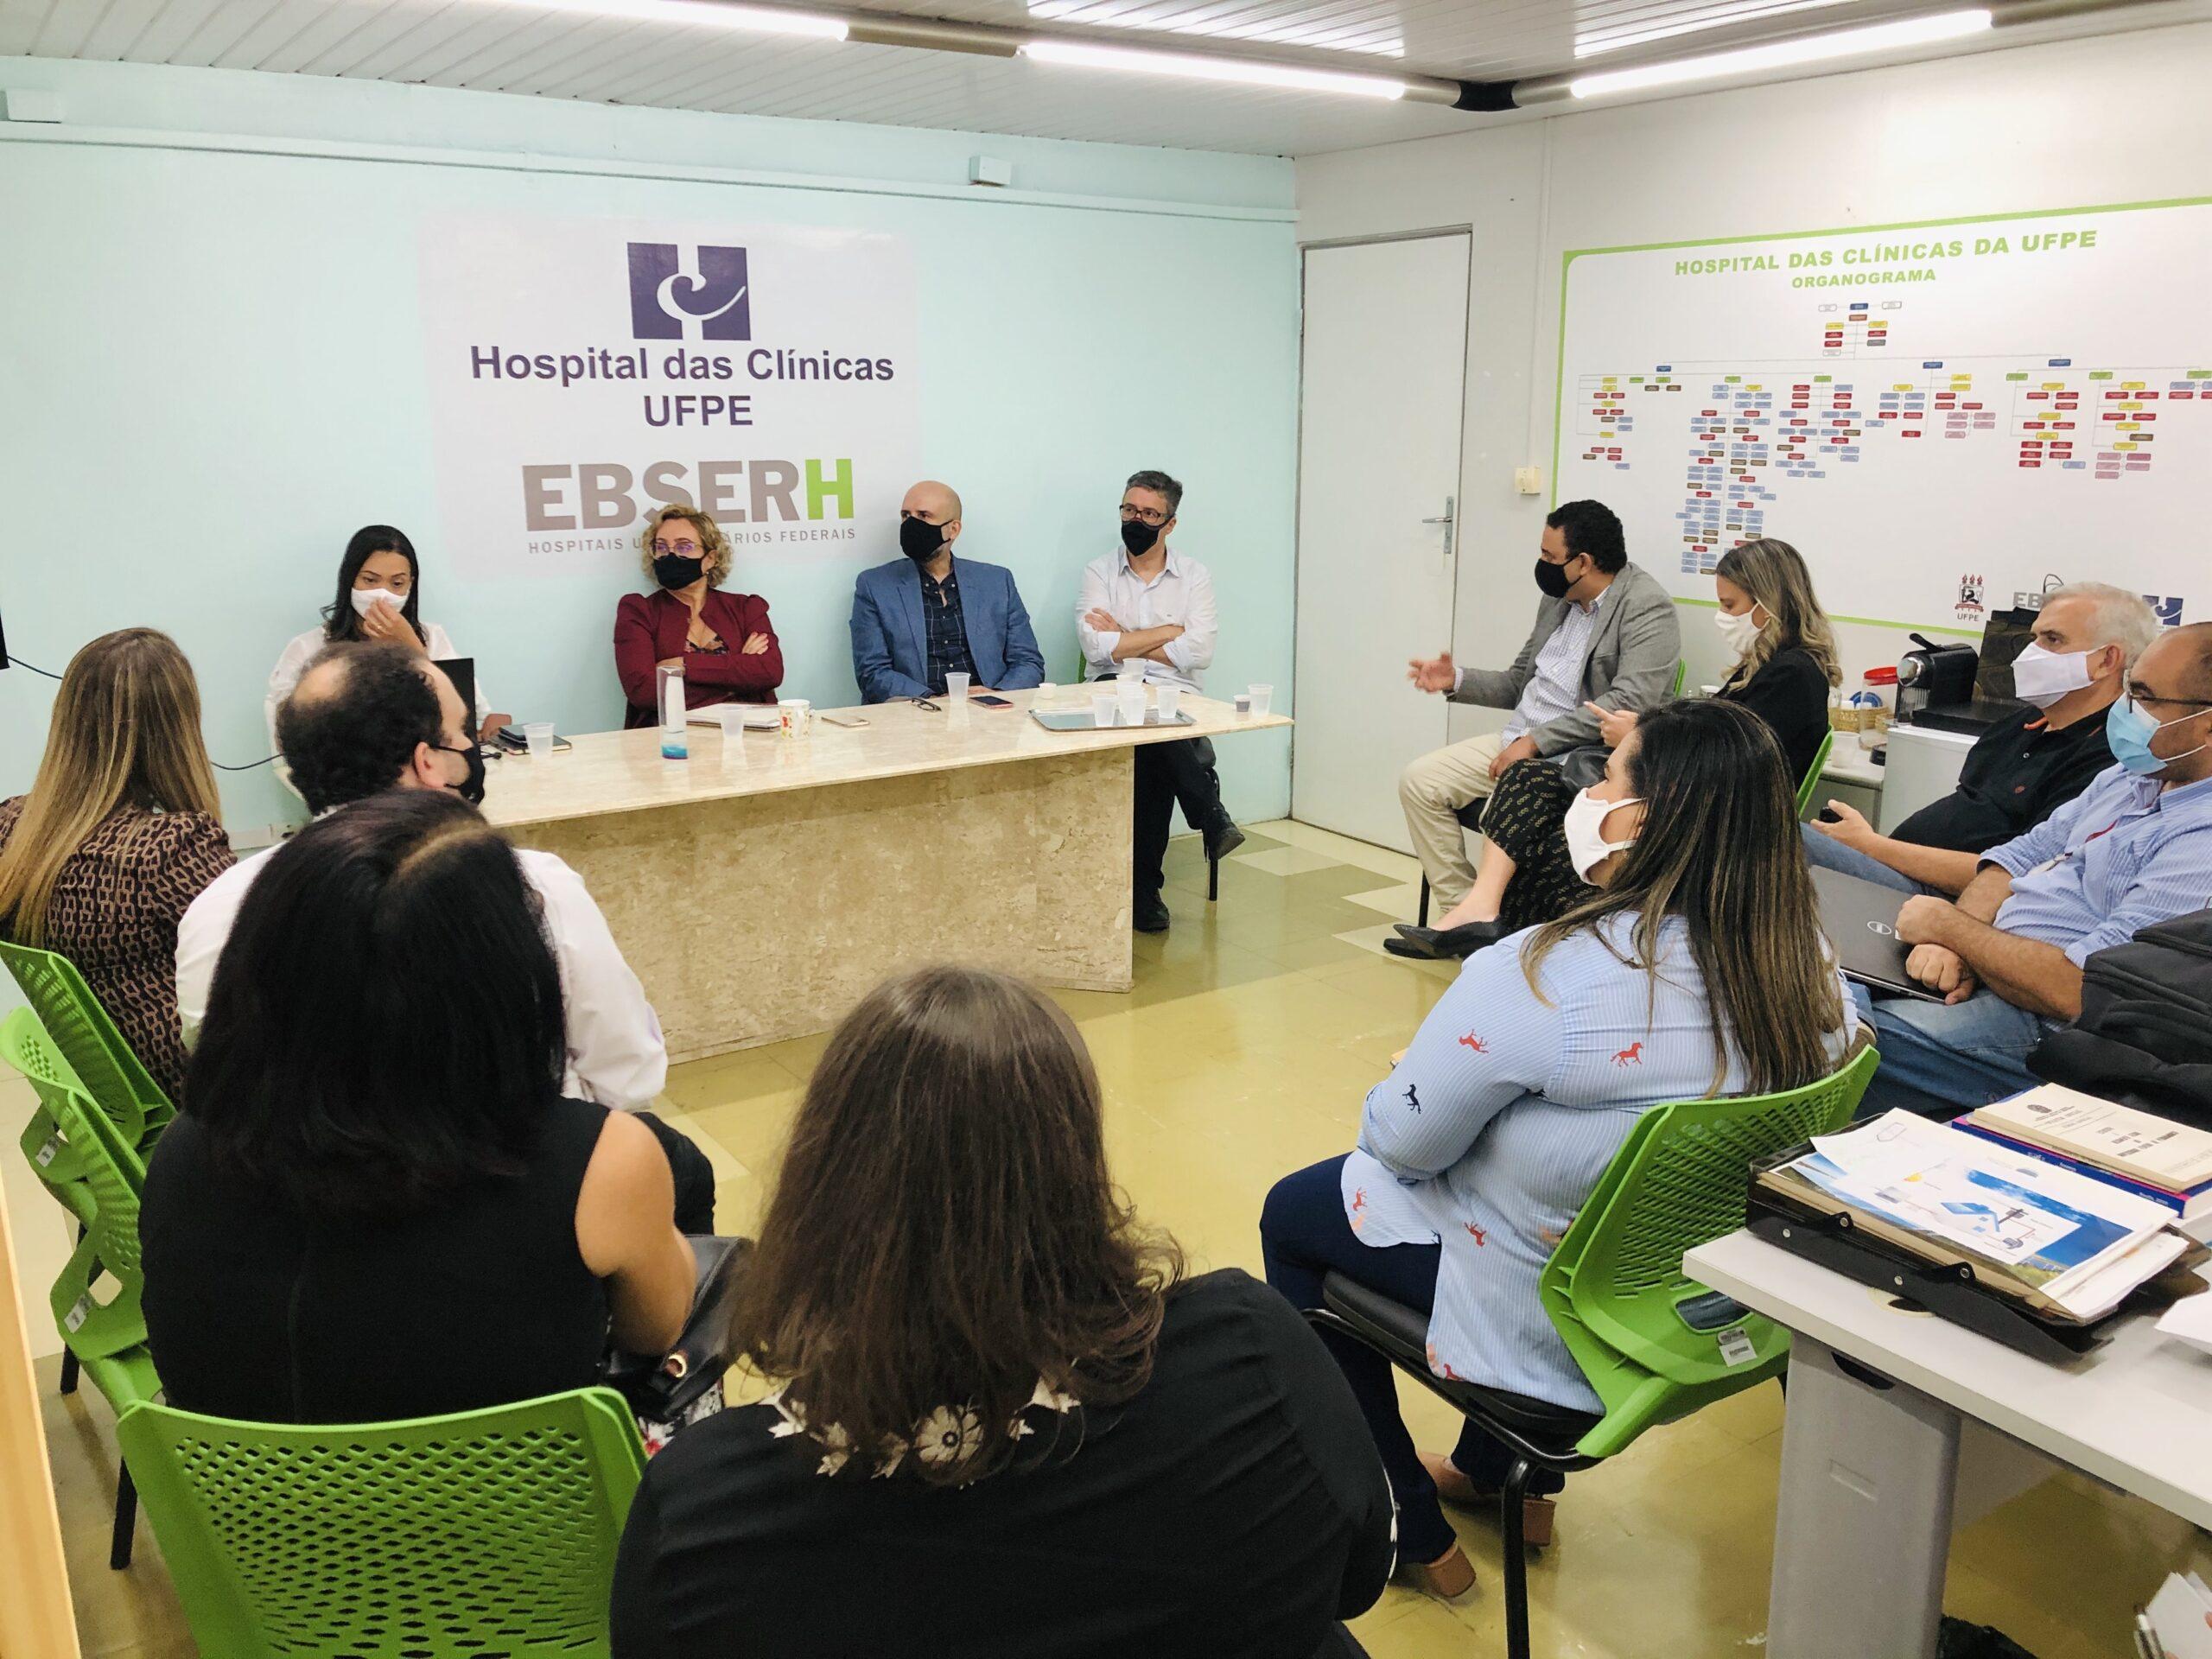 Fade-UFPE e Hospital das Clínicas se reúnem em planejamento estratégico